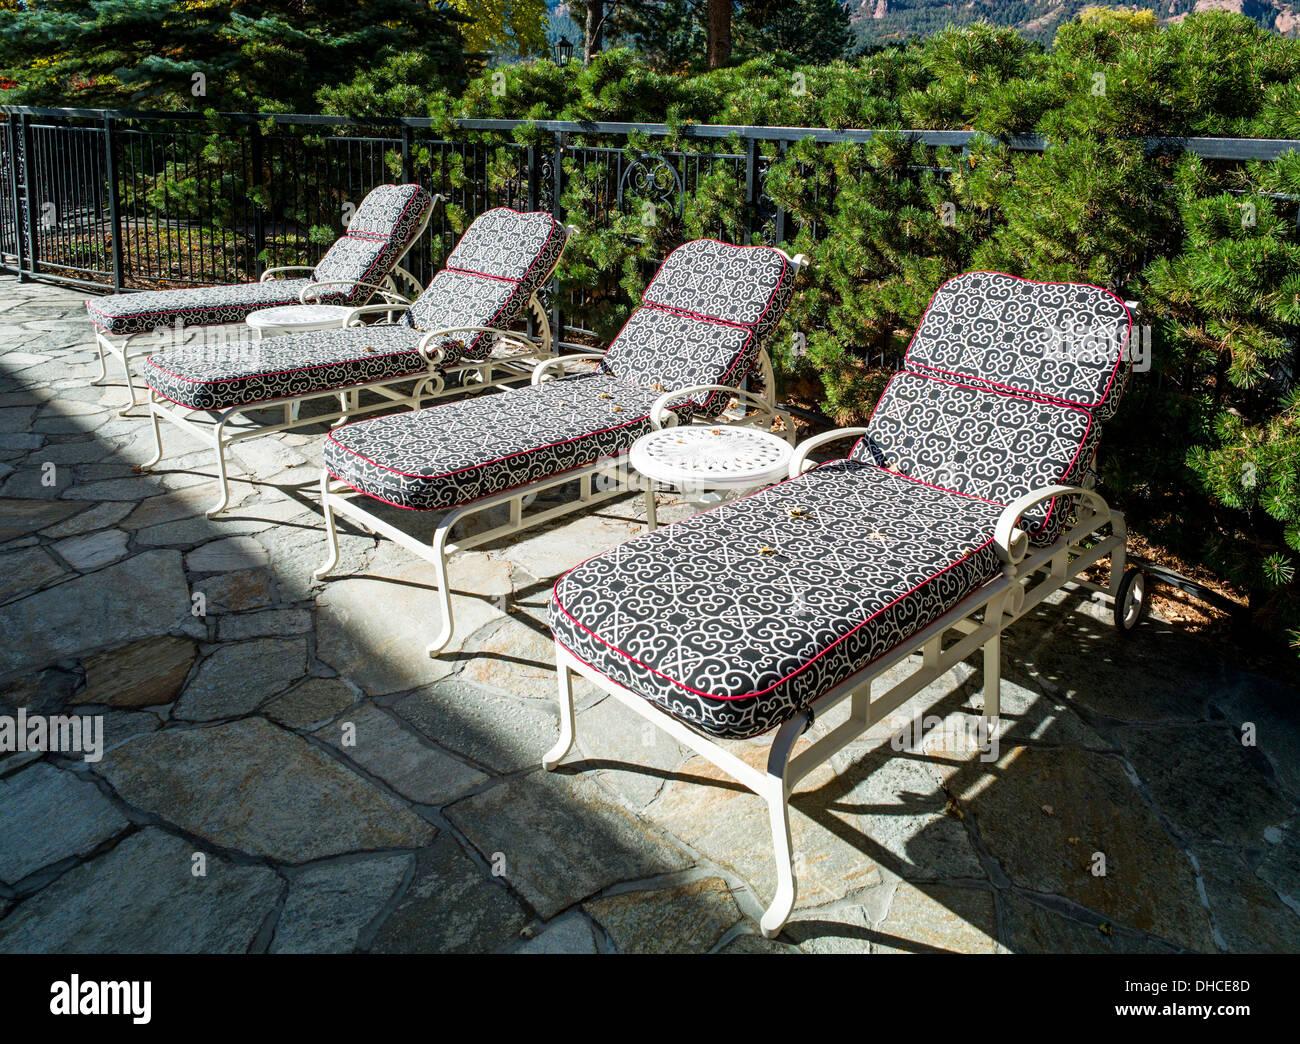 Chaise longue ligne des chaires d'une piscine, The Broadmoor, hôtel historique de luxe et resort, Colorado Springs, Colorado, États-Unis Photo Stock